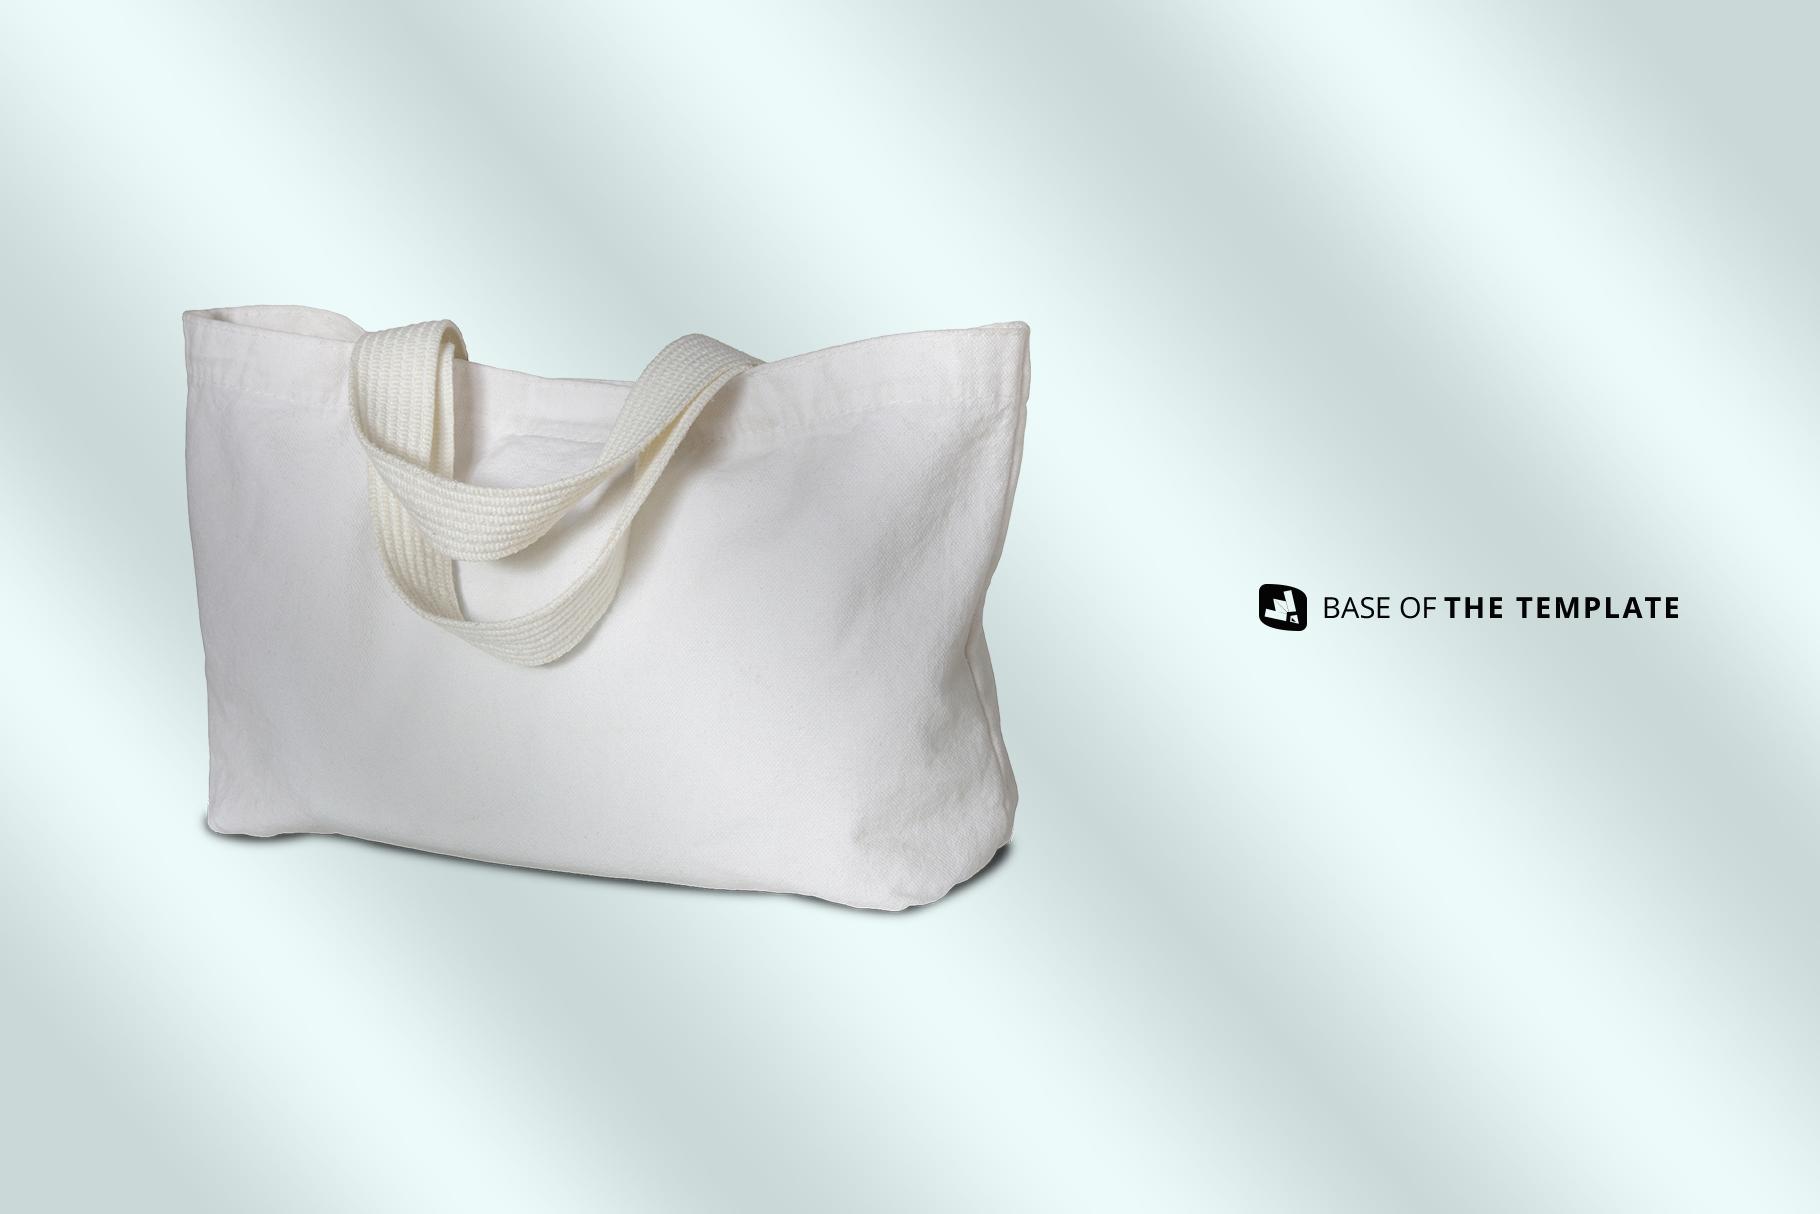 base image of the reusable cotton cloth bag mockup